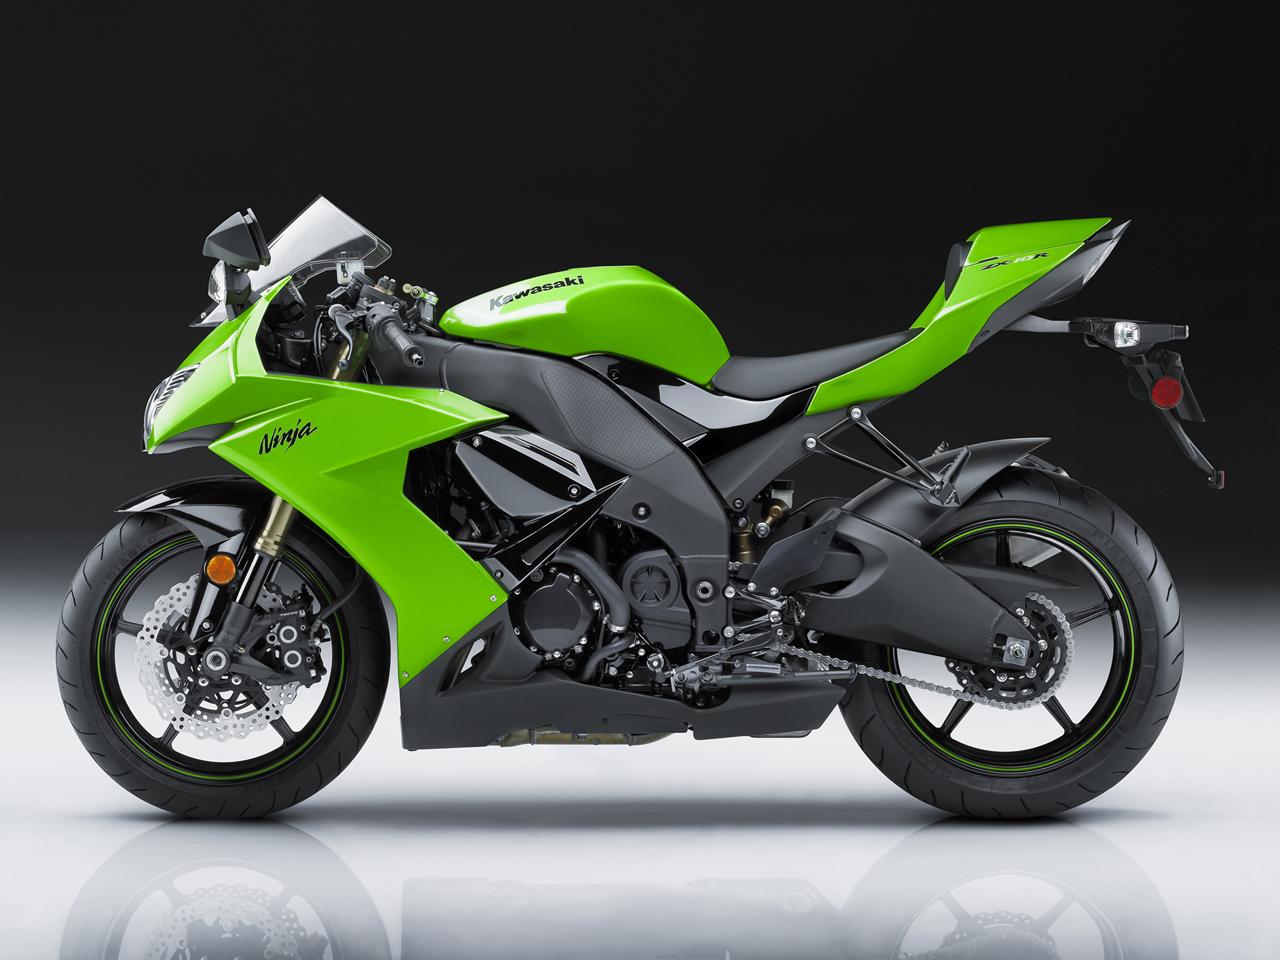 Kawasaki Ninja R Sports Bike